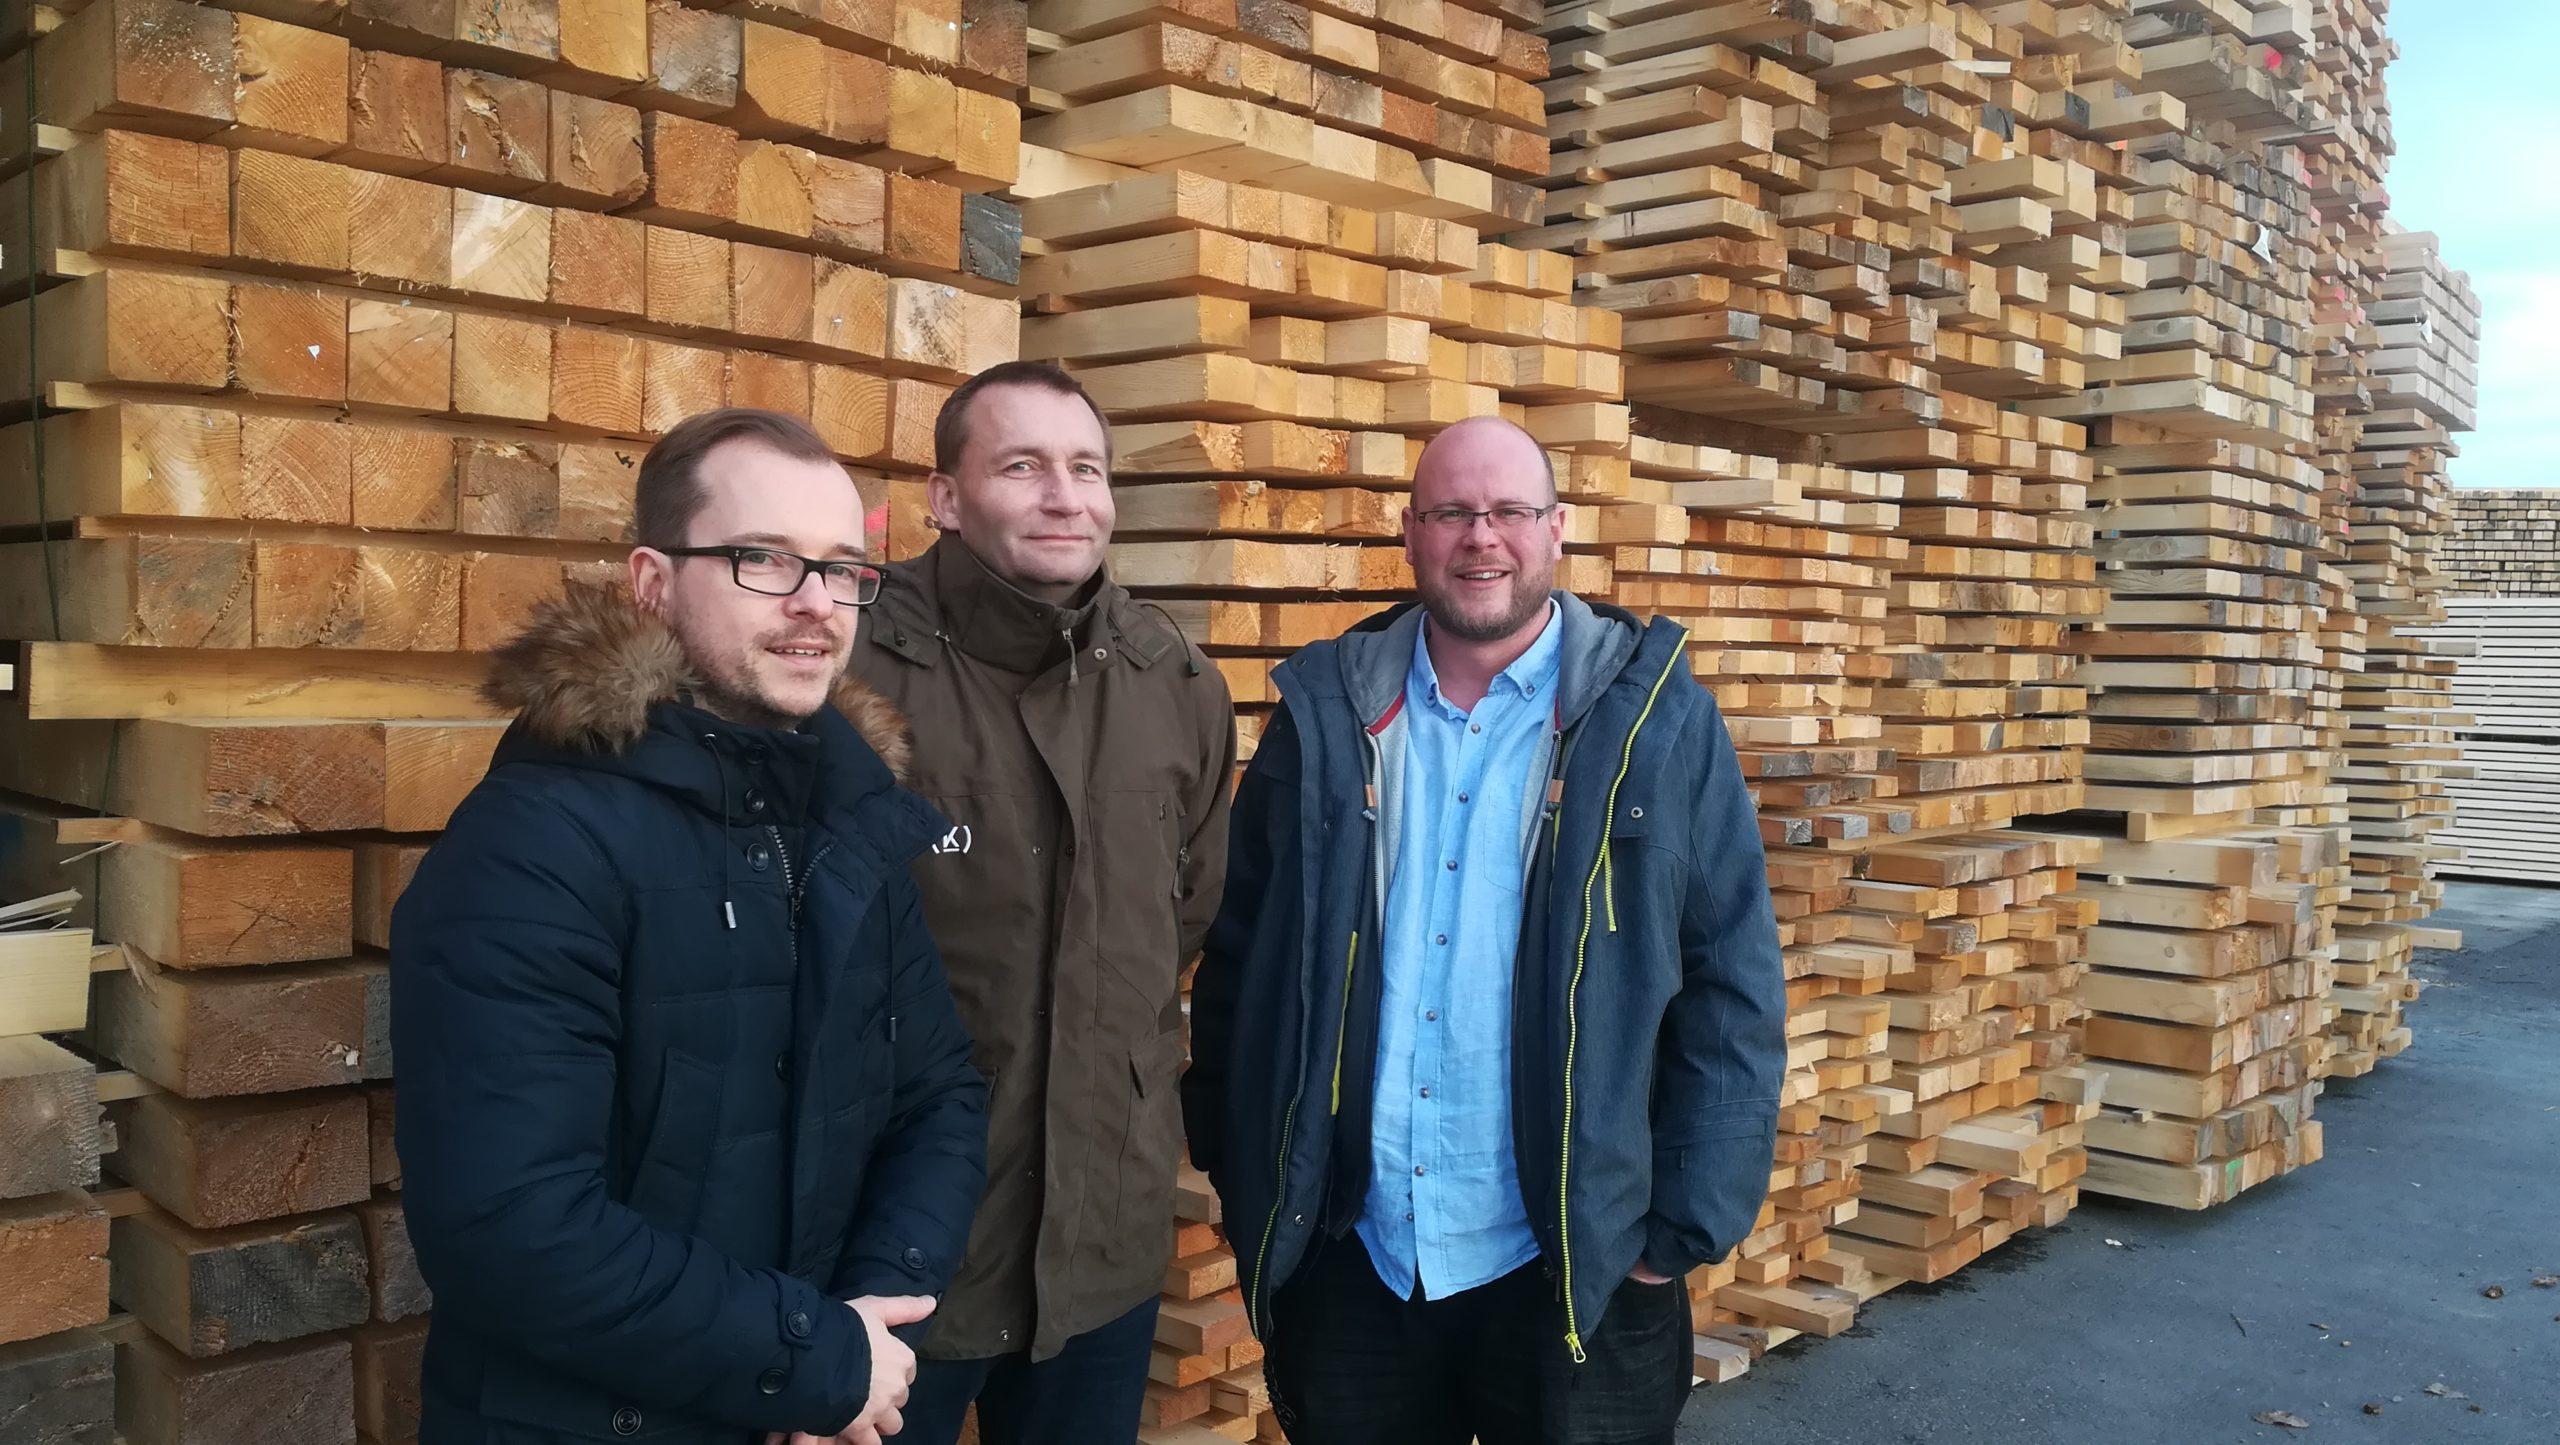 Od lewej: Marek Wojtacha (Drewnopark Wood Partner), Radim Cernin, dyrektor sprzedaży Kloboucka lesni s.r.o i … podczas spotkania szkoleniowego. Fot. J. Obarski